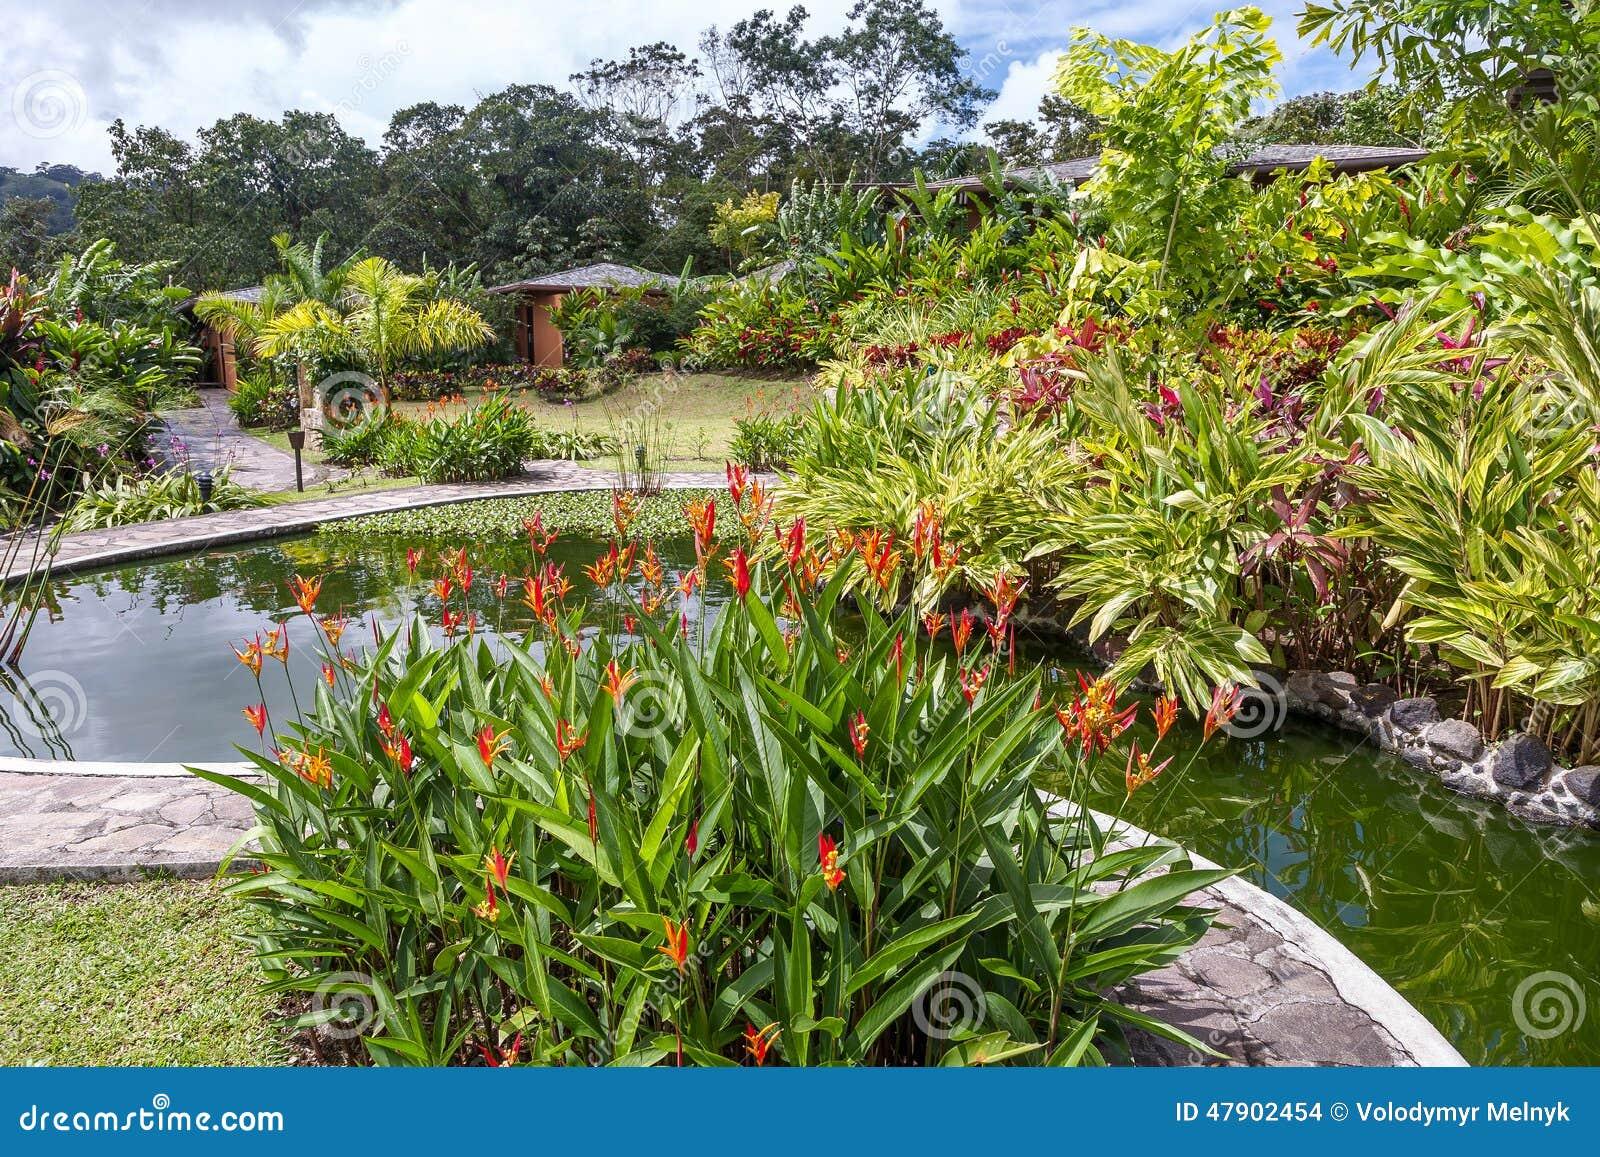 flores tropicais jardim : flores tropicais jardim:Jardim Com As Várias Plantas Tropicais E Flor Foto de Stock – Imagem